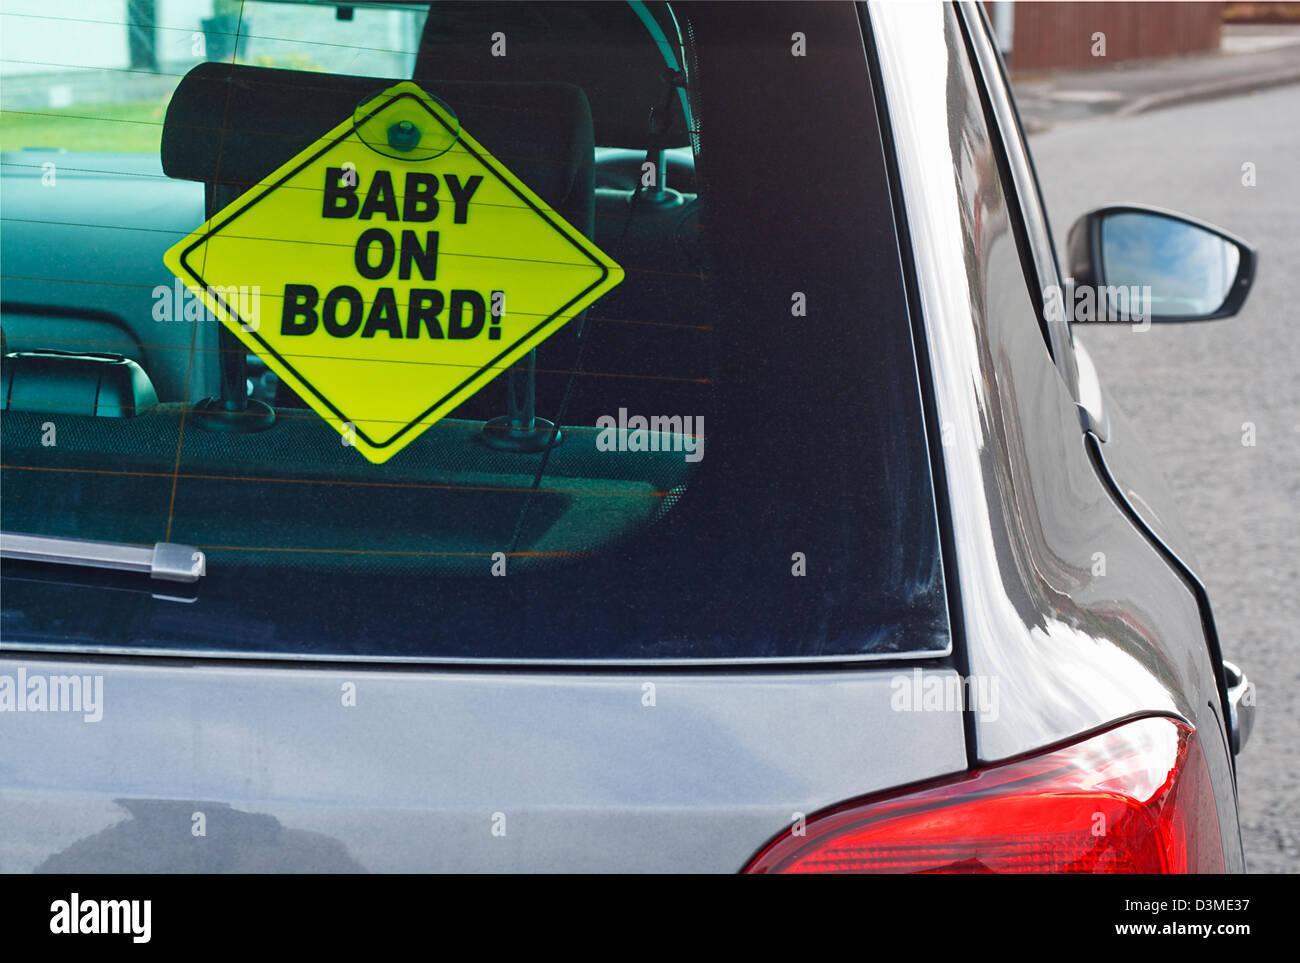 Bébé à bord dun panneau davertissement dans la fenêtre arrière dune voiture à conseiller voitures derrière de la présence dun tout petit